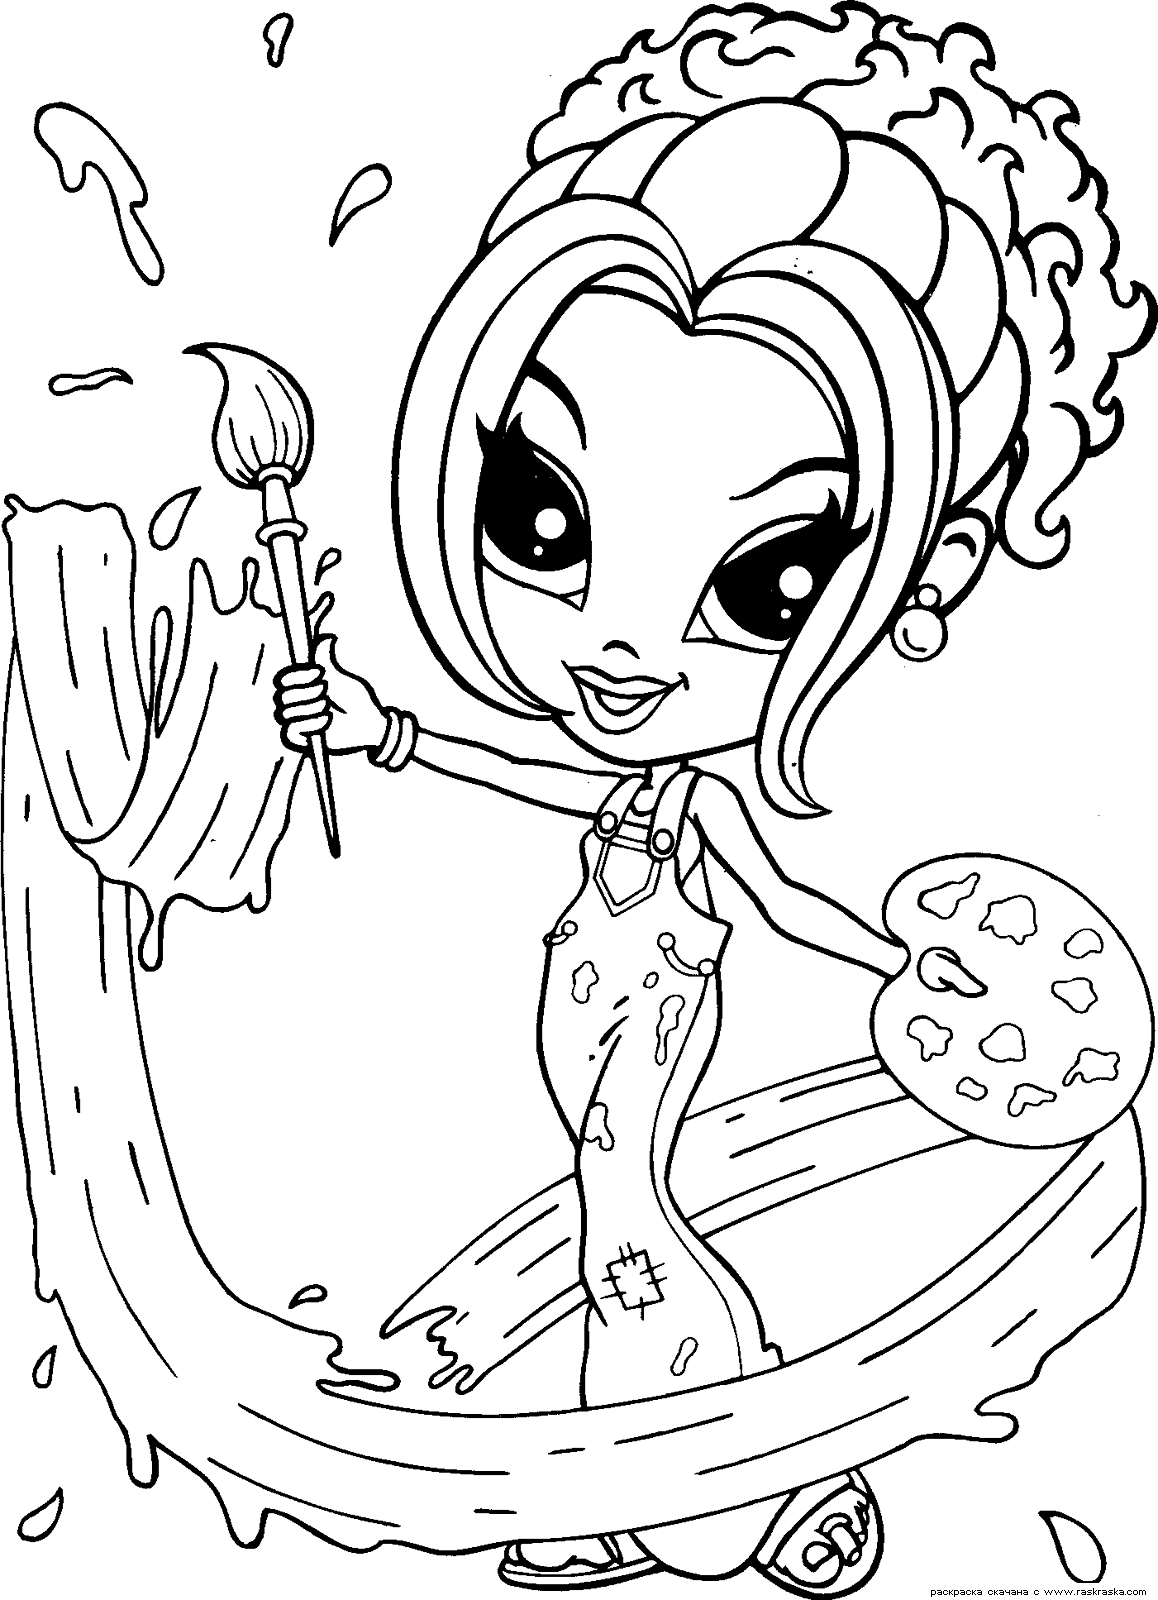 Раскраска Гламурная девочка. Раскраска для девочек. Разукрашка для девочек